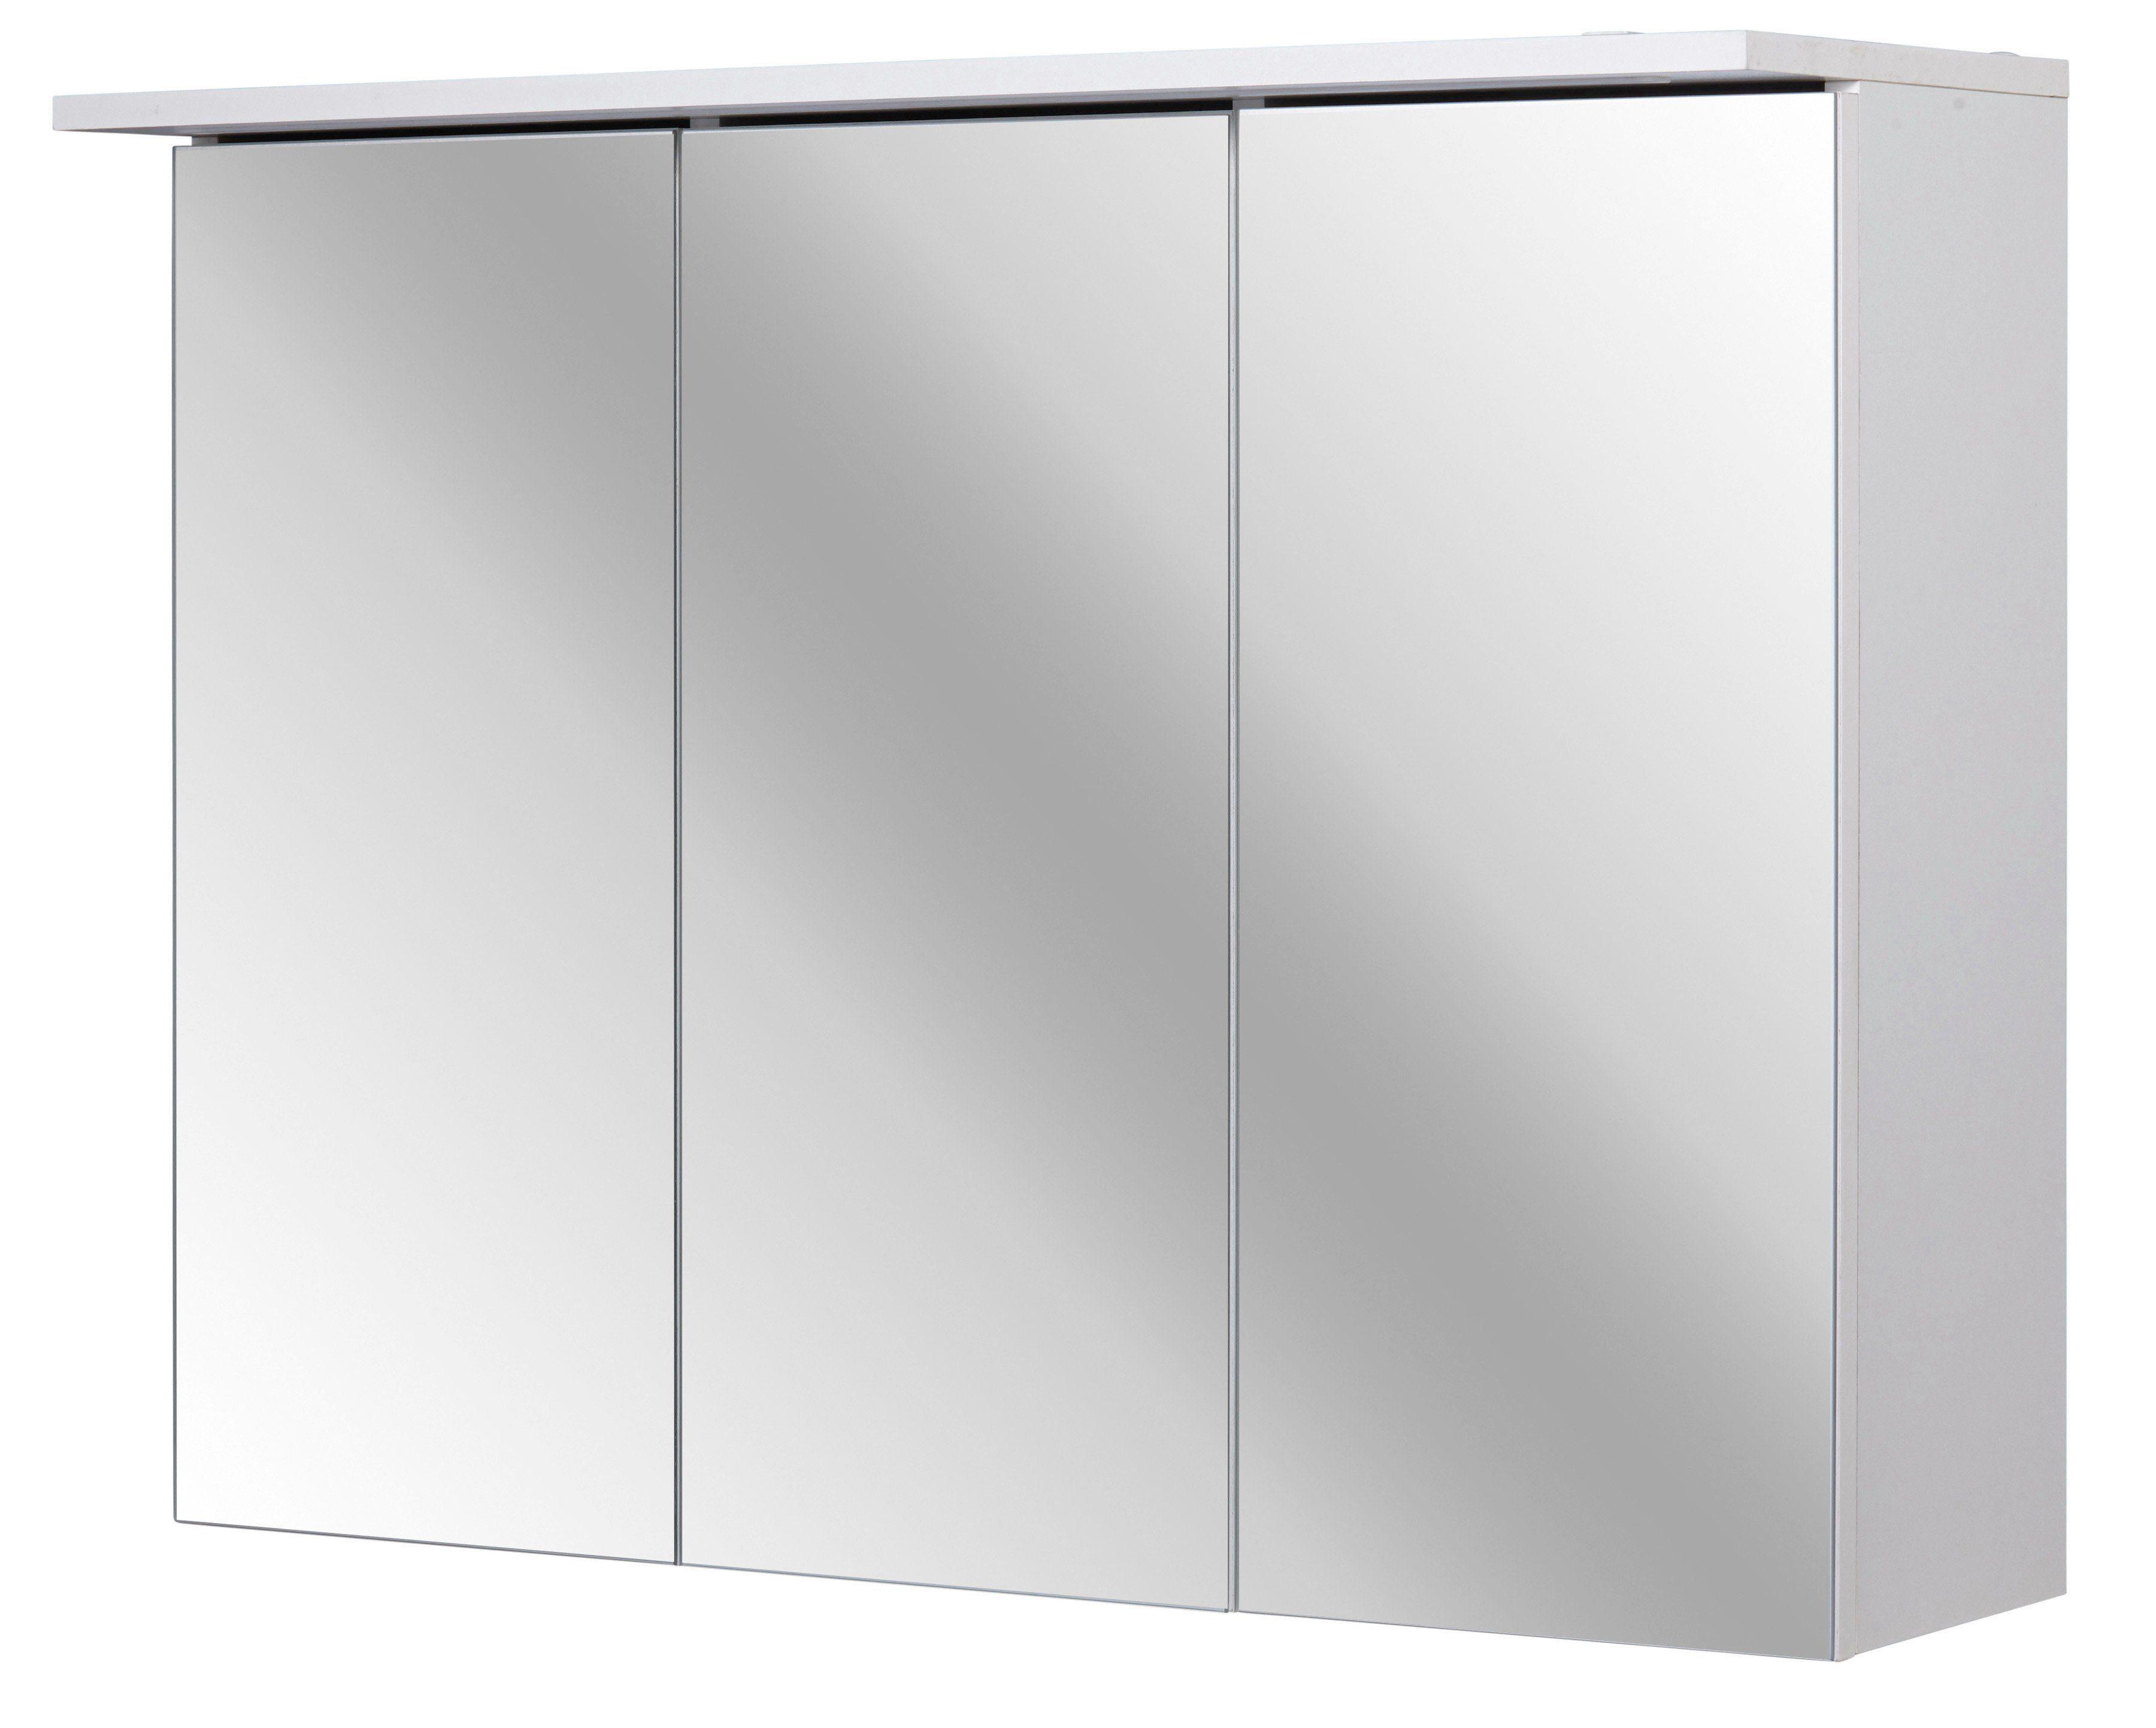 Spiegelschrank »Flex« Breite 80 cm, mit LED-Beleuchtung